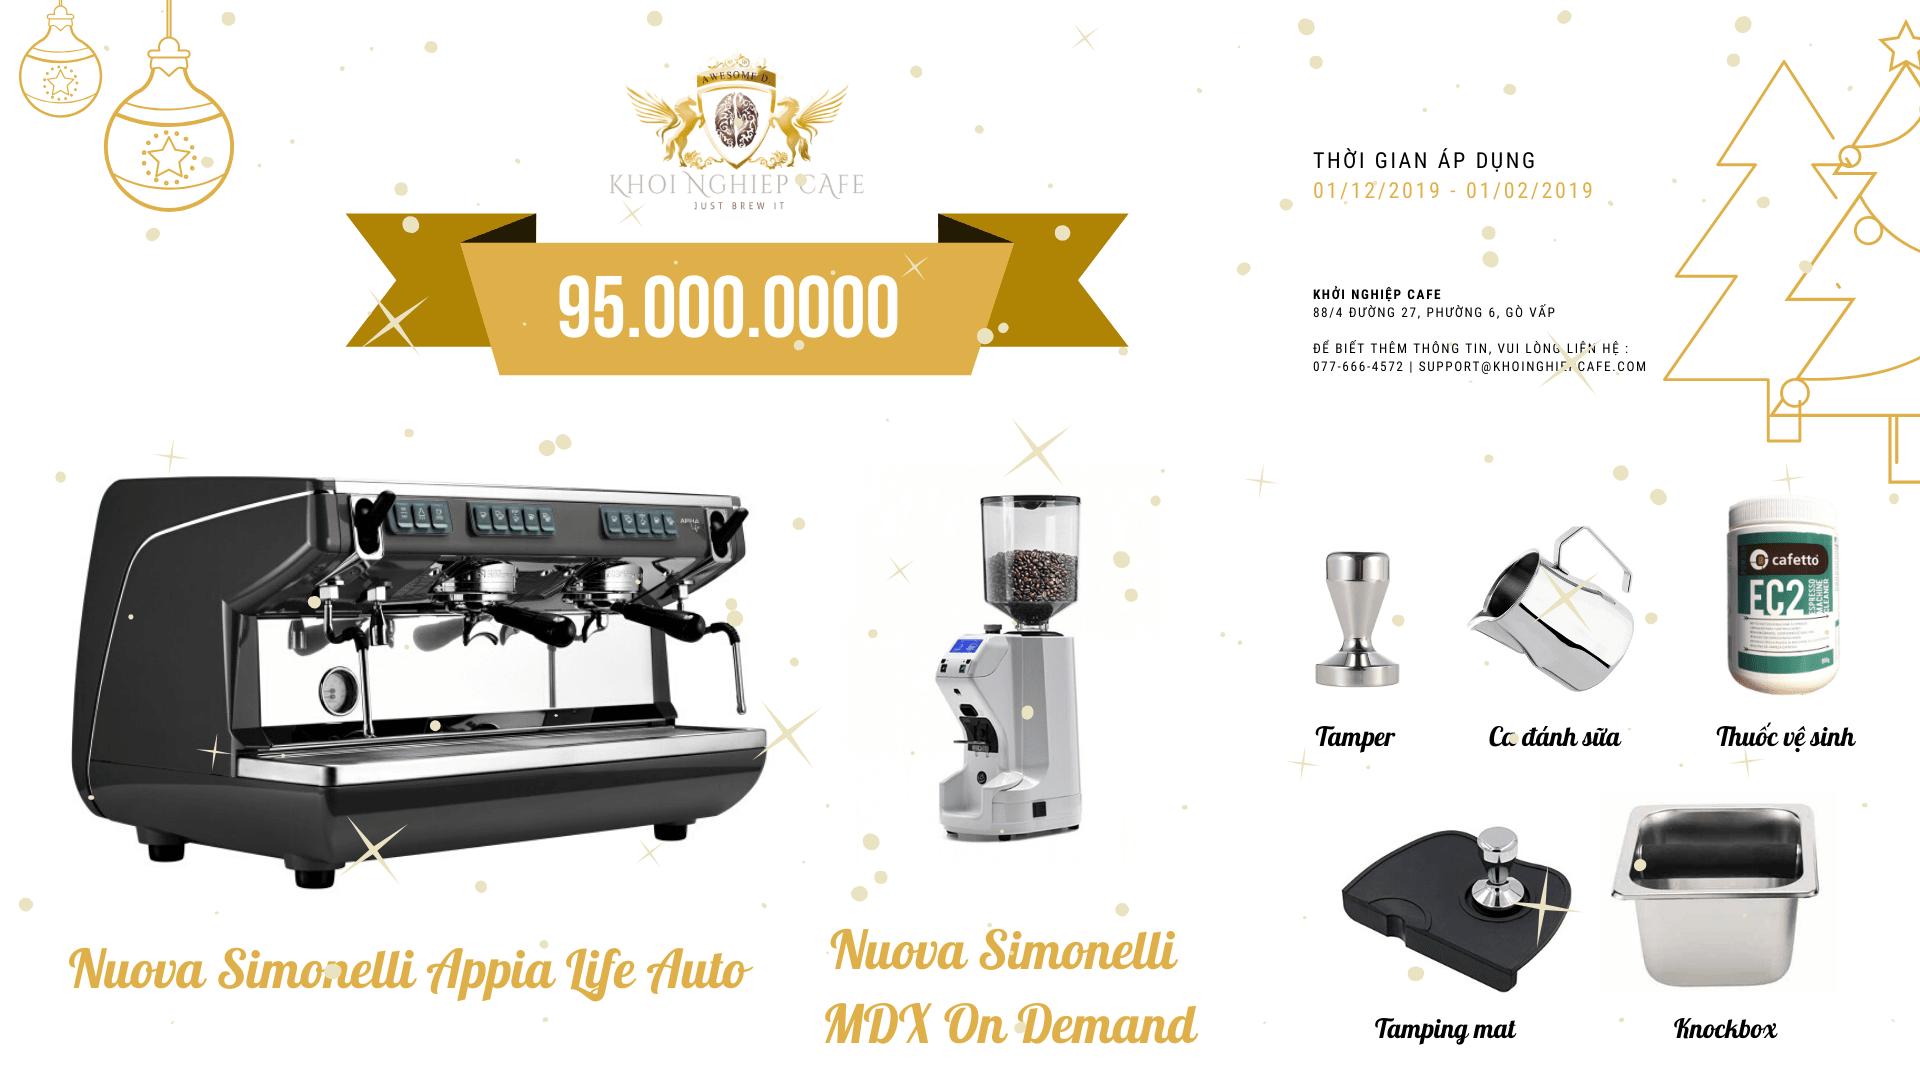 Khoi Nghiep Cafe Khuyen mai Happy New Year 2